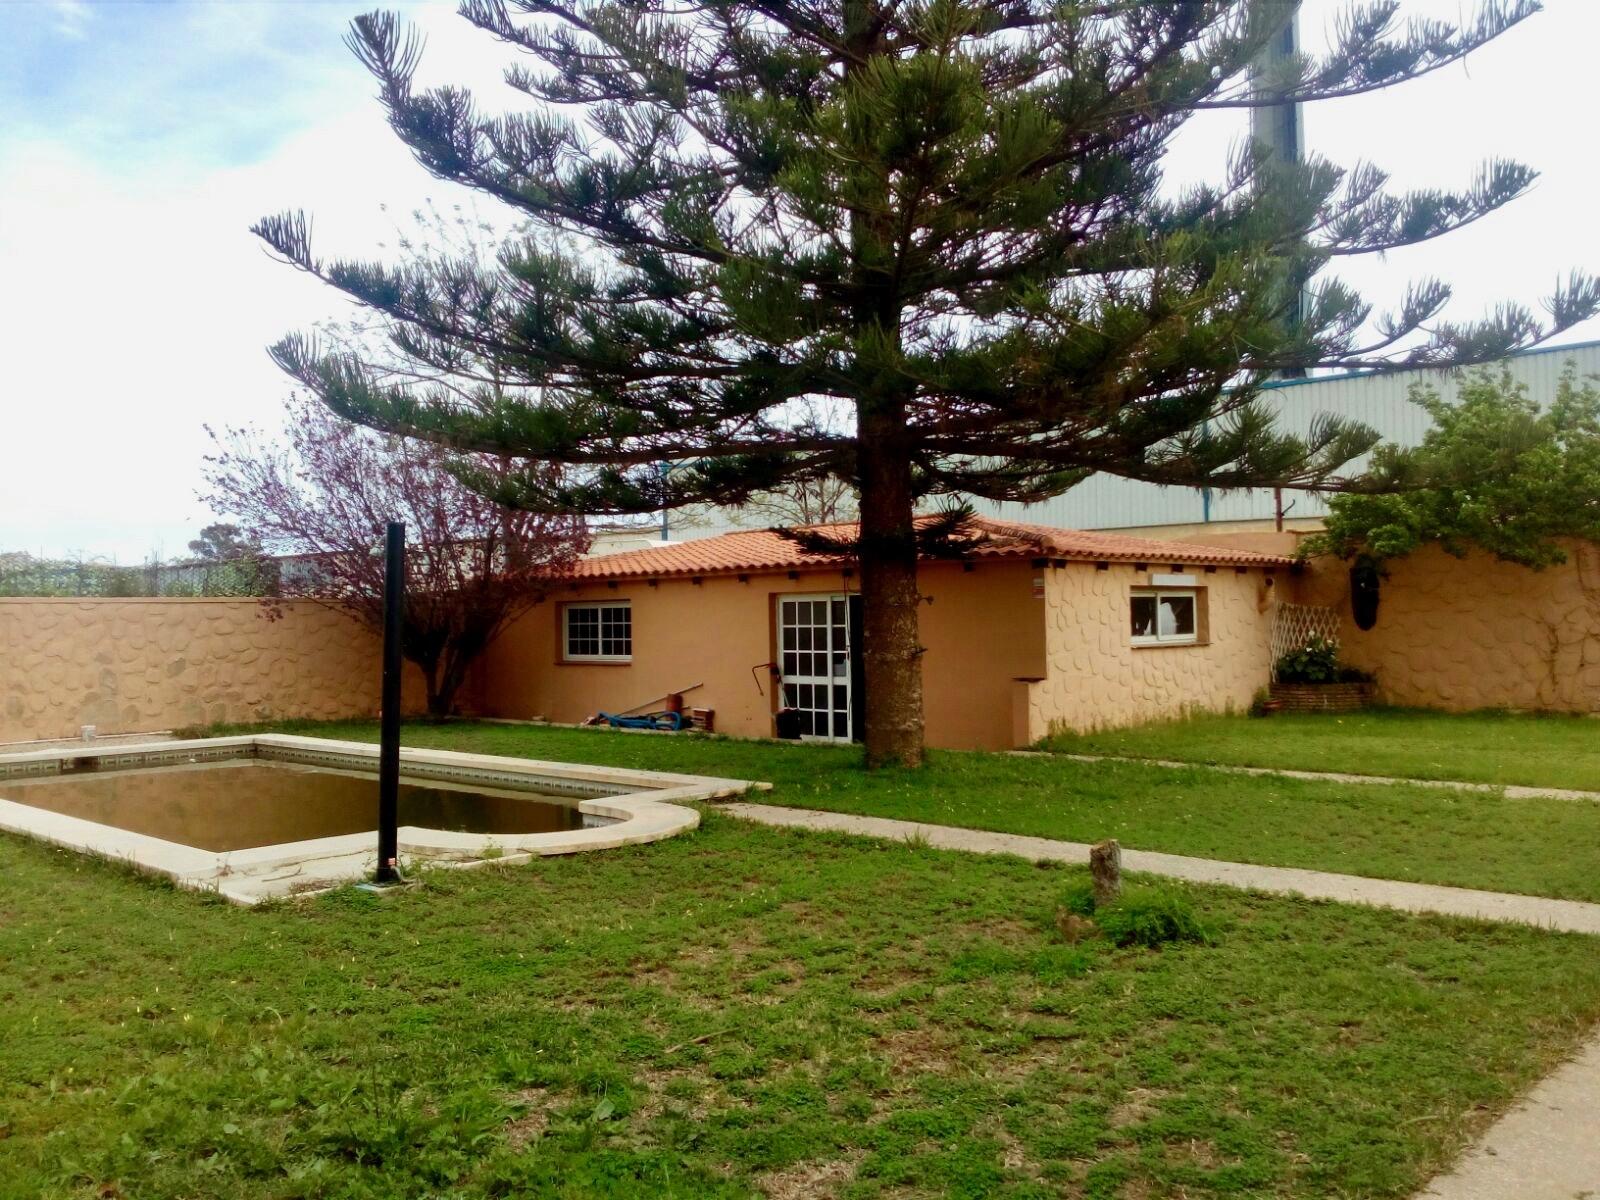 Vivienda Unifamiliar en parcela de 800 m2 Las Lagunas, Mijas